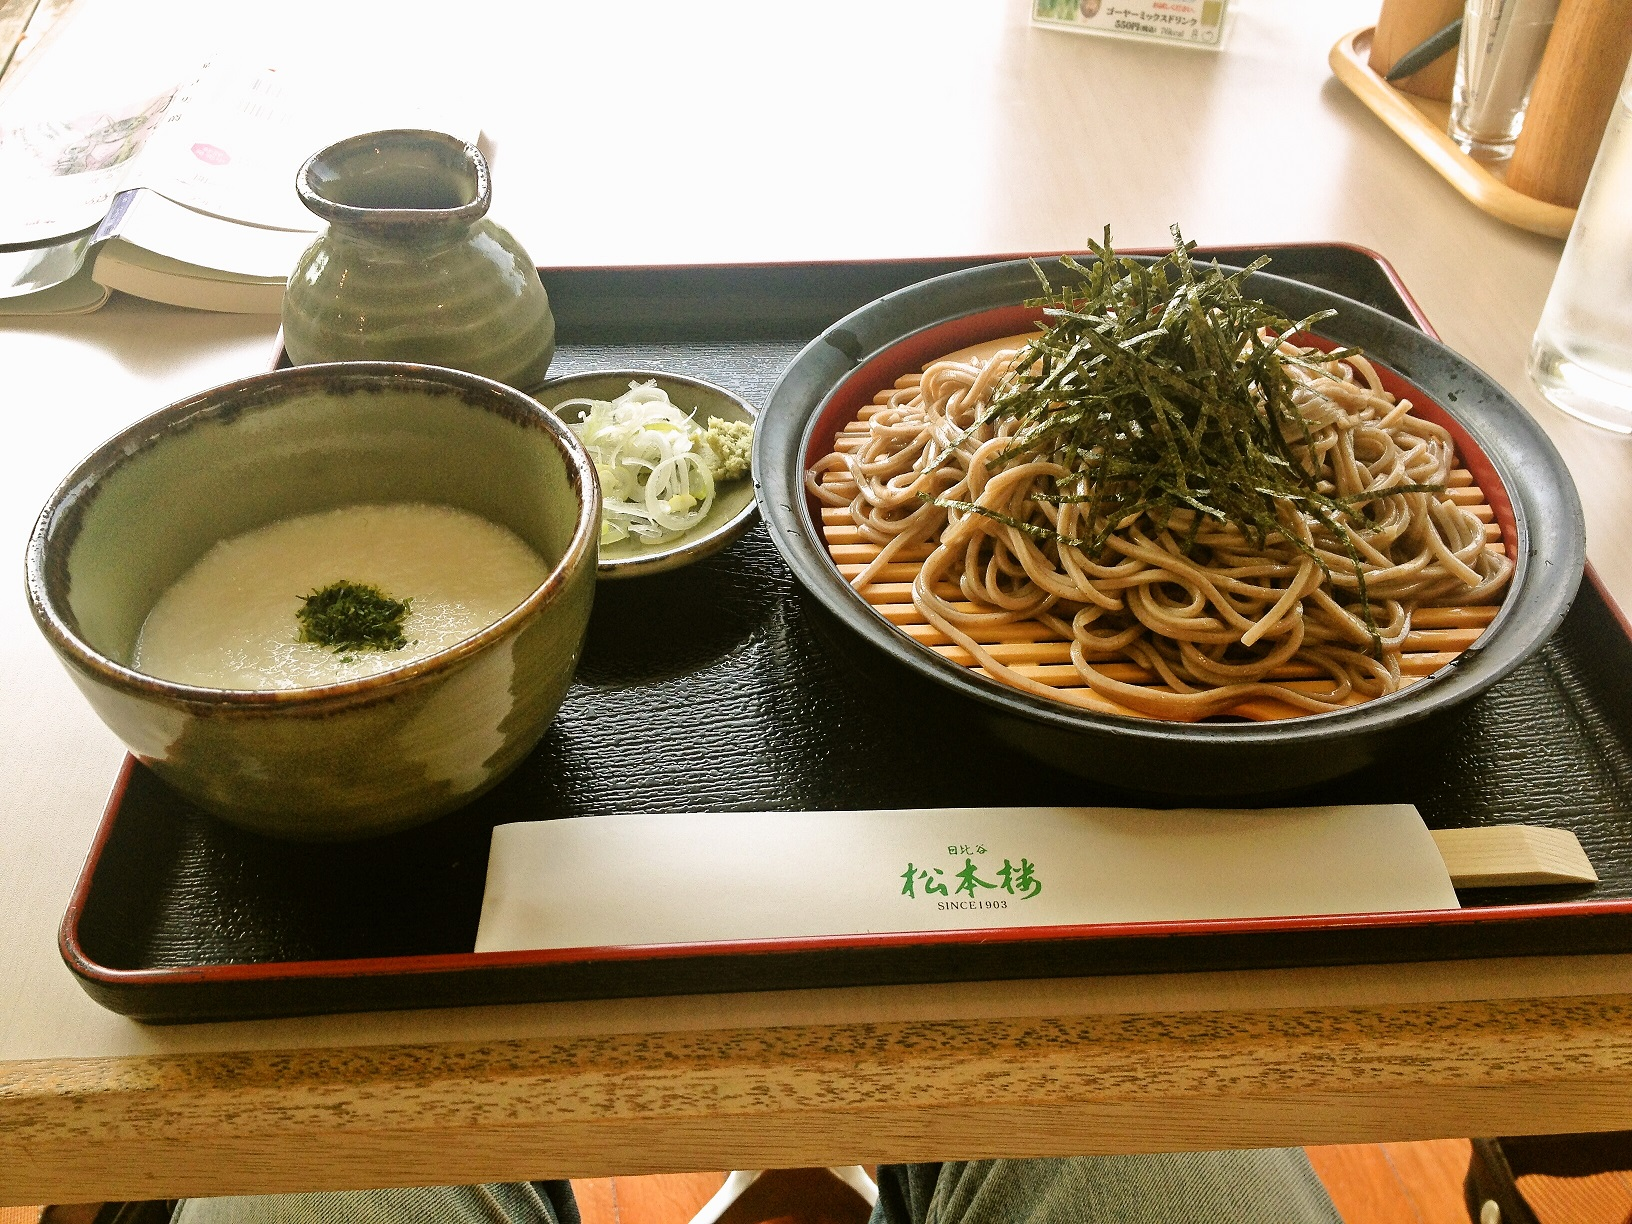 松本楼の薯蕷蕎麦